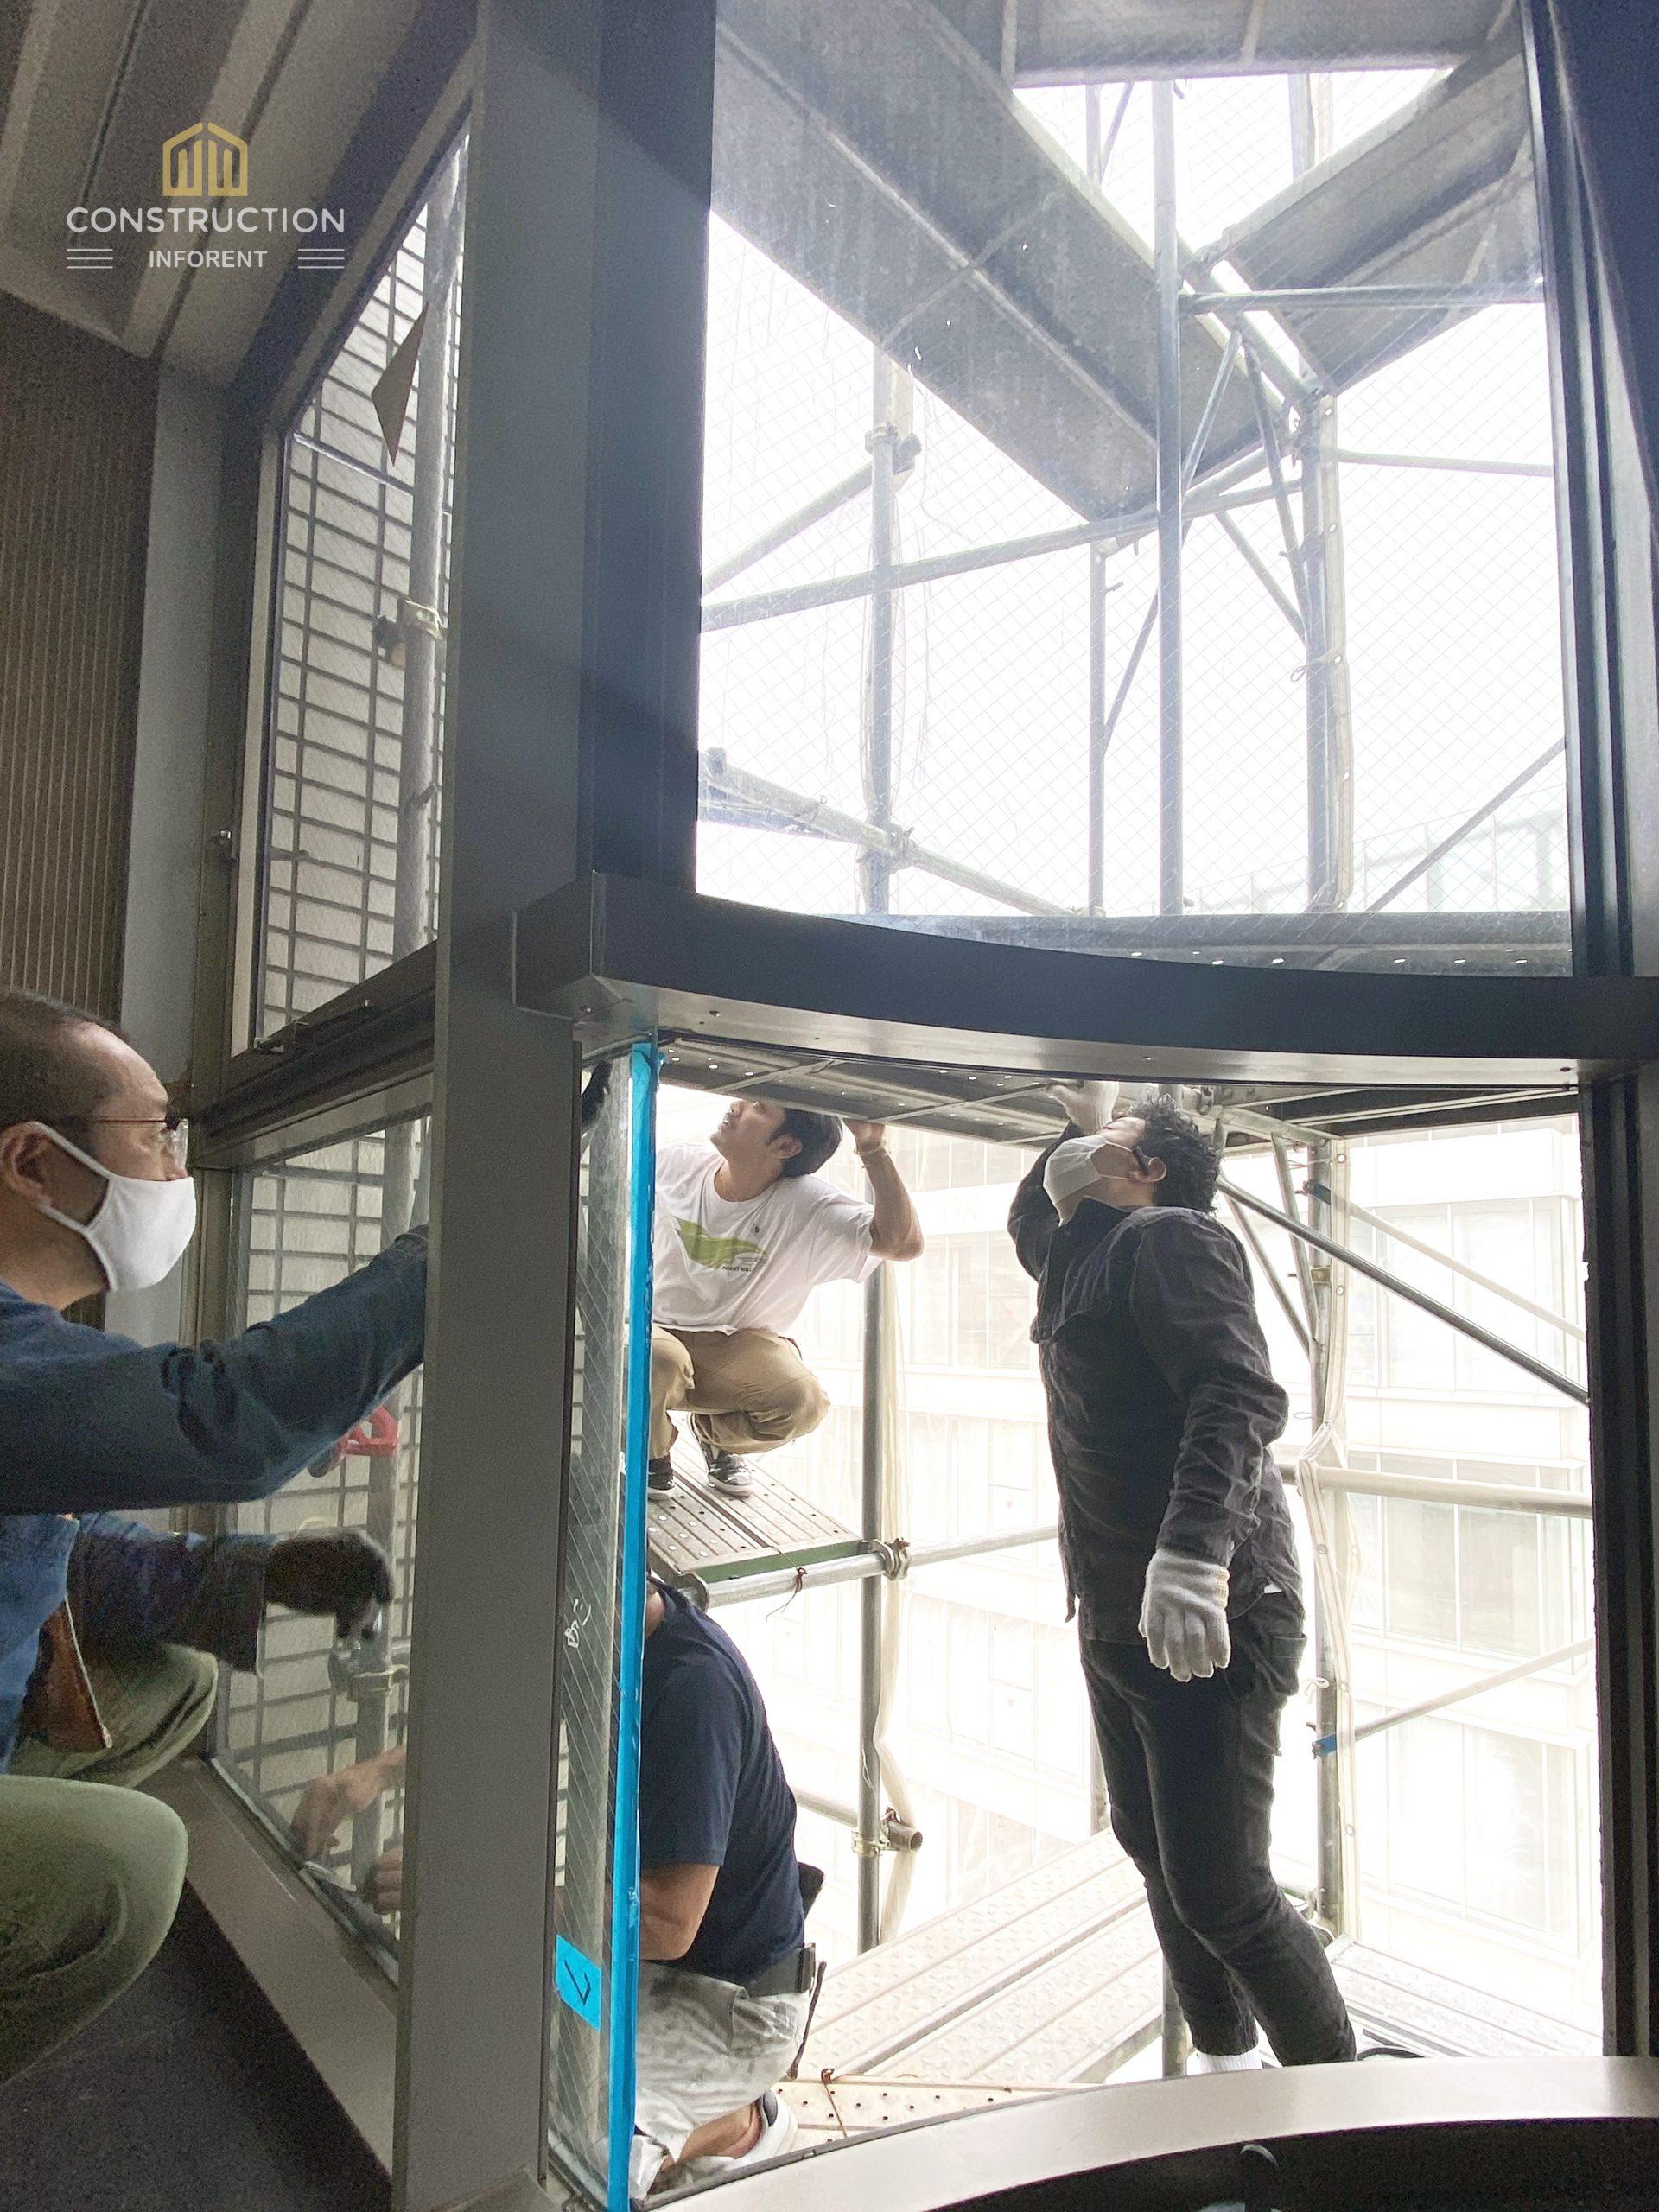 窓工事 ビルのサッシ窓ガラスにひび割れ。窓ガラスを交換